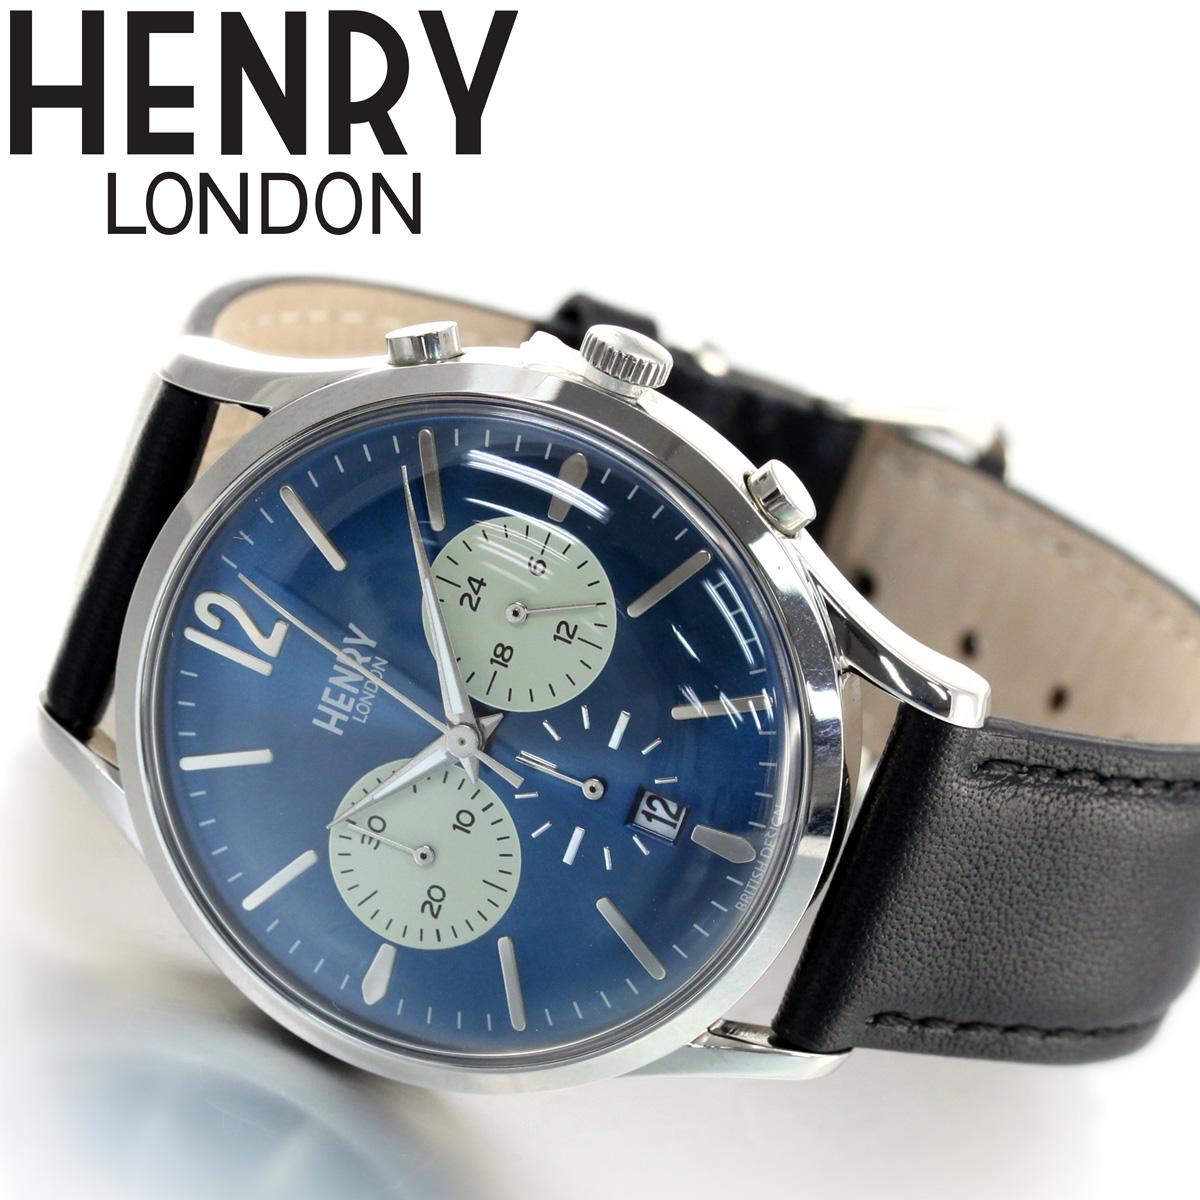 【5日0時~♪10%OFFクーポン&店内ポイント最大51倍!5日23時59分まで】ヘンリーロンドン HENRY LONDON 腕時計 メンズ レディース KNIGHTSBRIDGE HL41-CS-0039